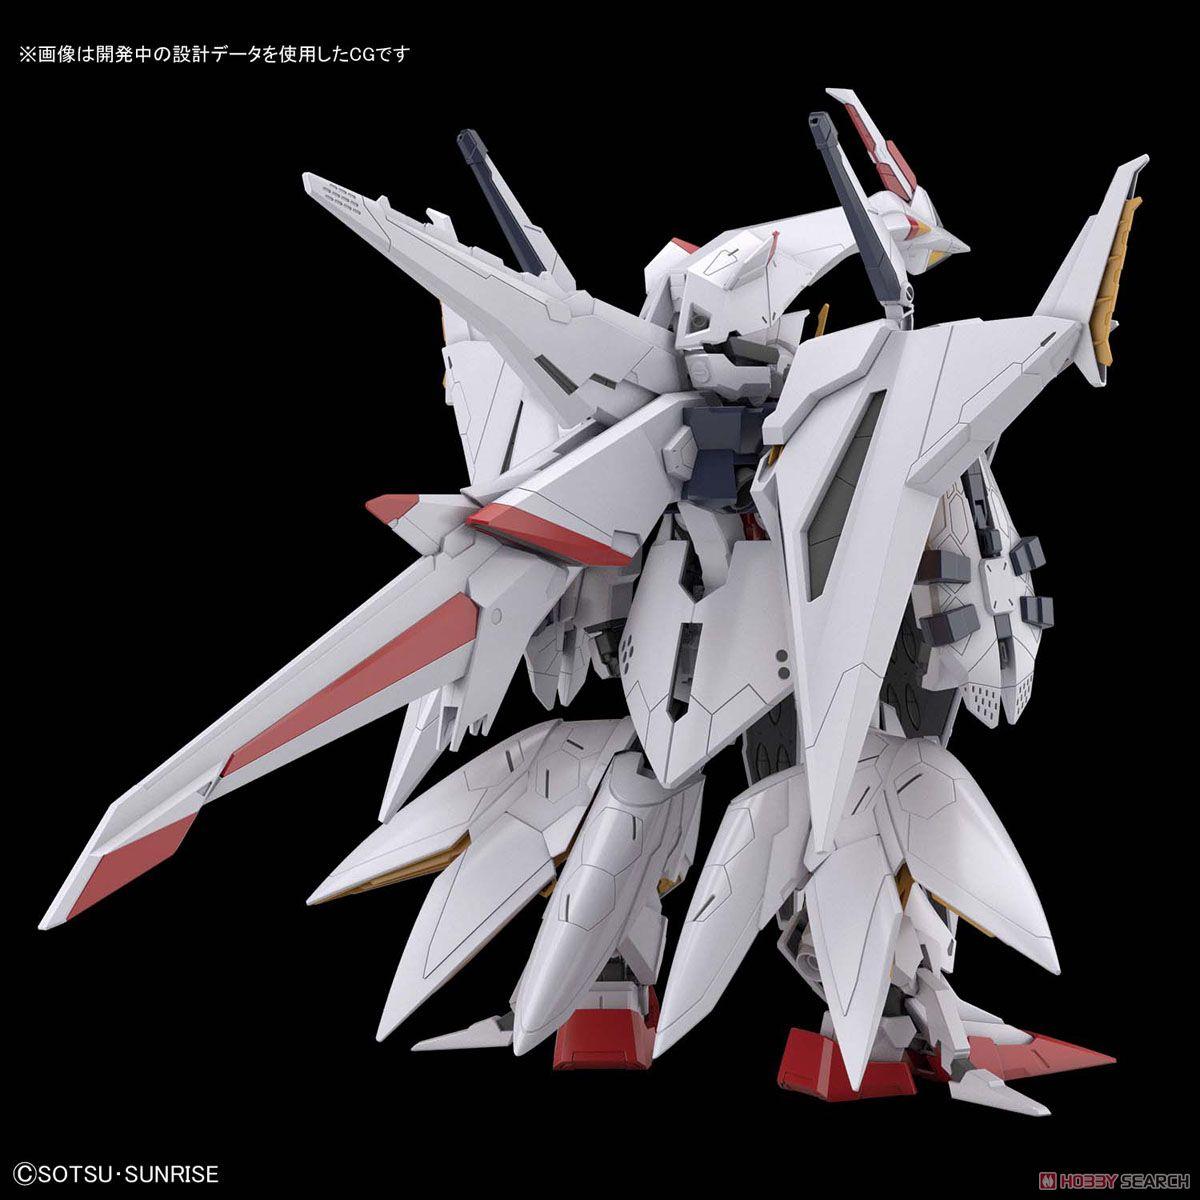 【再販】HGUC 1/144『ペーネロペー』機動戦士ガンダム 閃光のハサウェイ プラモデル-016